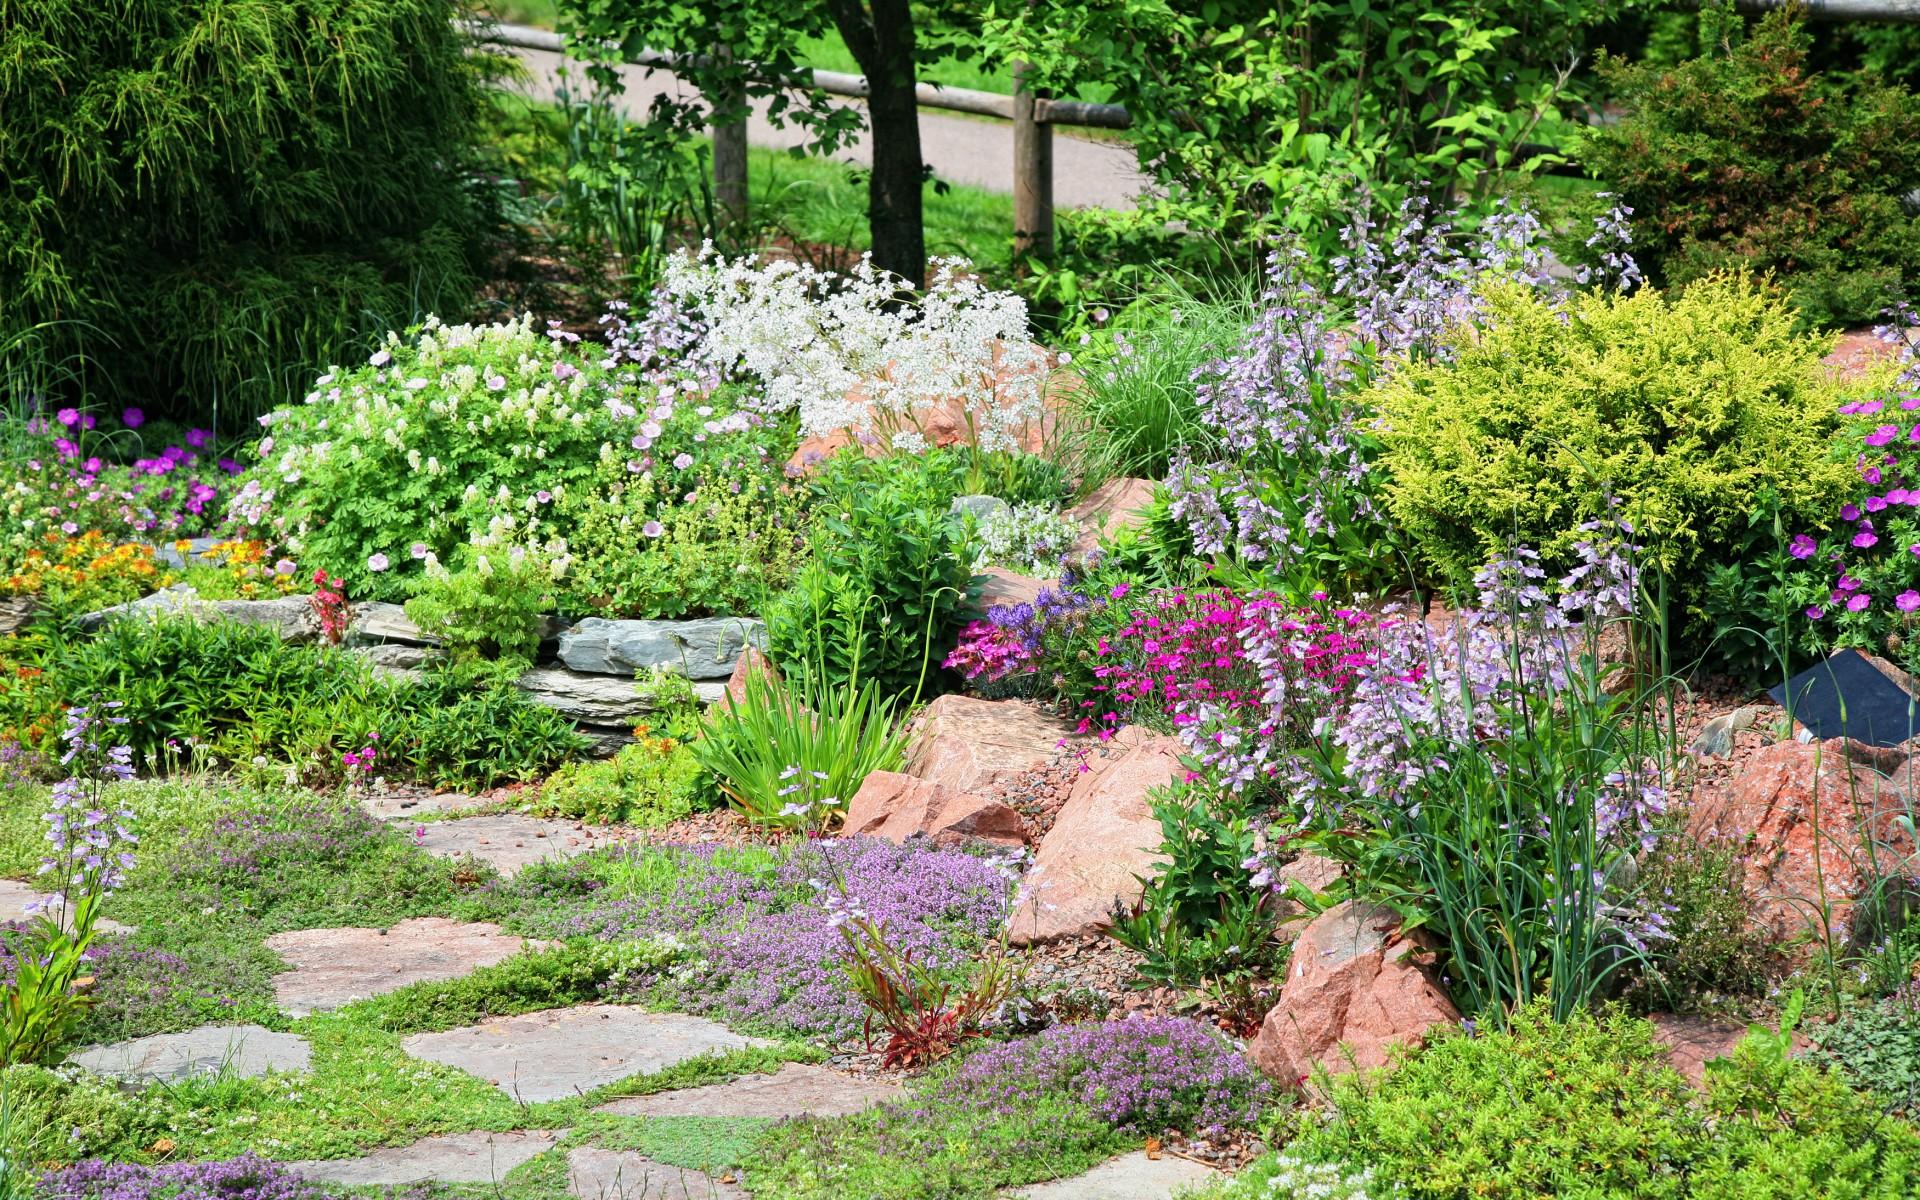 die steingärten | garten europa, Gartenarbeit ideen